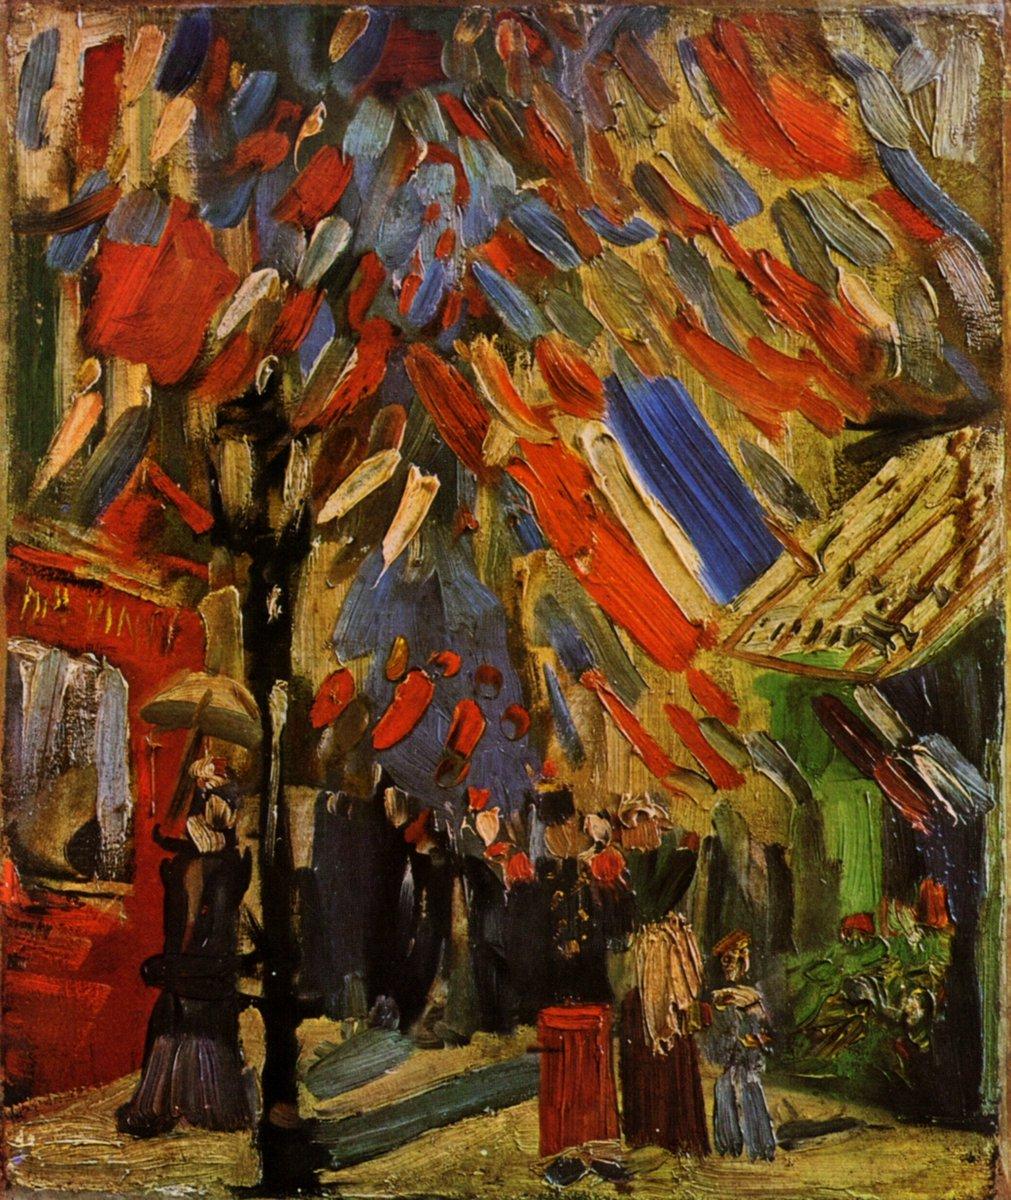 VAN GOGH, &quot;THE FOURTEENTH OF JULY CELEBRATION IN PARIS&quot; 1886 #vangogh #gesture #art #arttwit #twitart #followart #iloveart #artlover #artist <br>http://pic.twitter.com/QRuC23voHQ